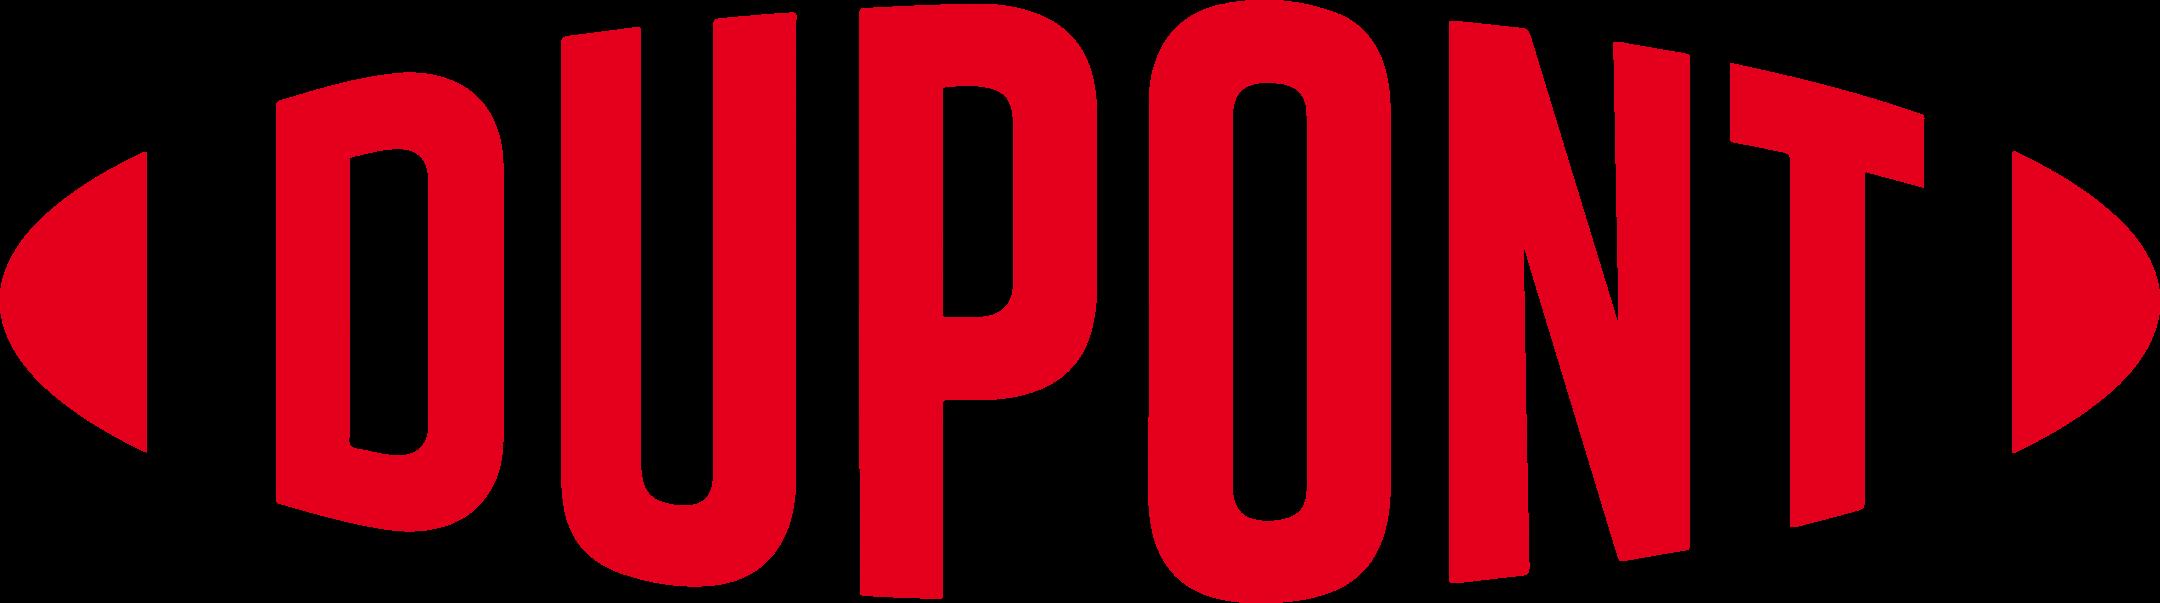 dupont logo 1 - DuPont Logo